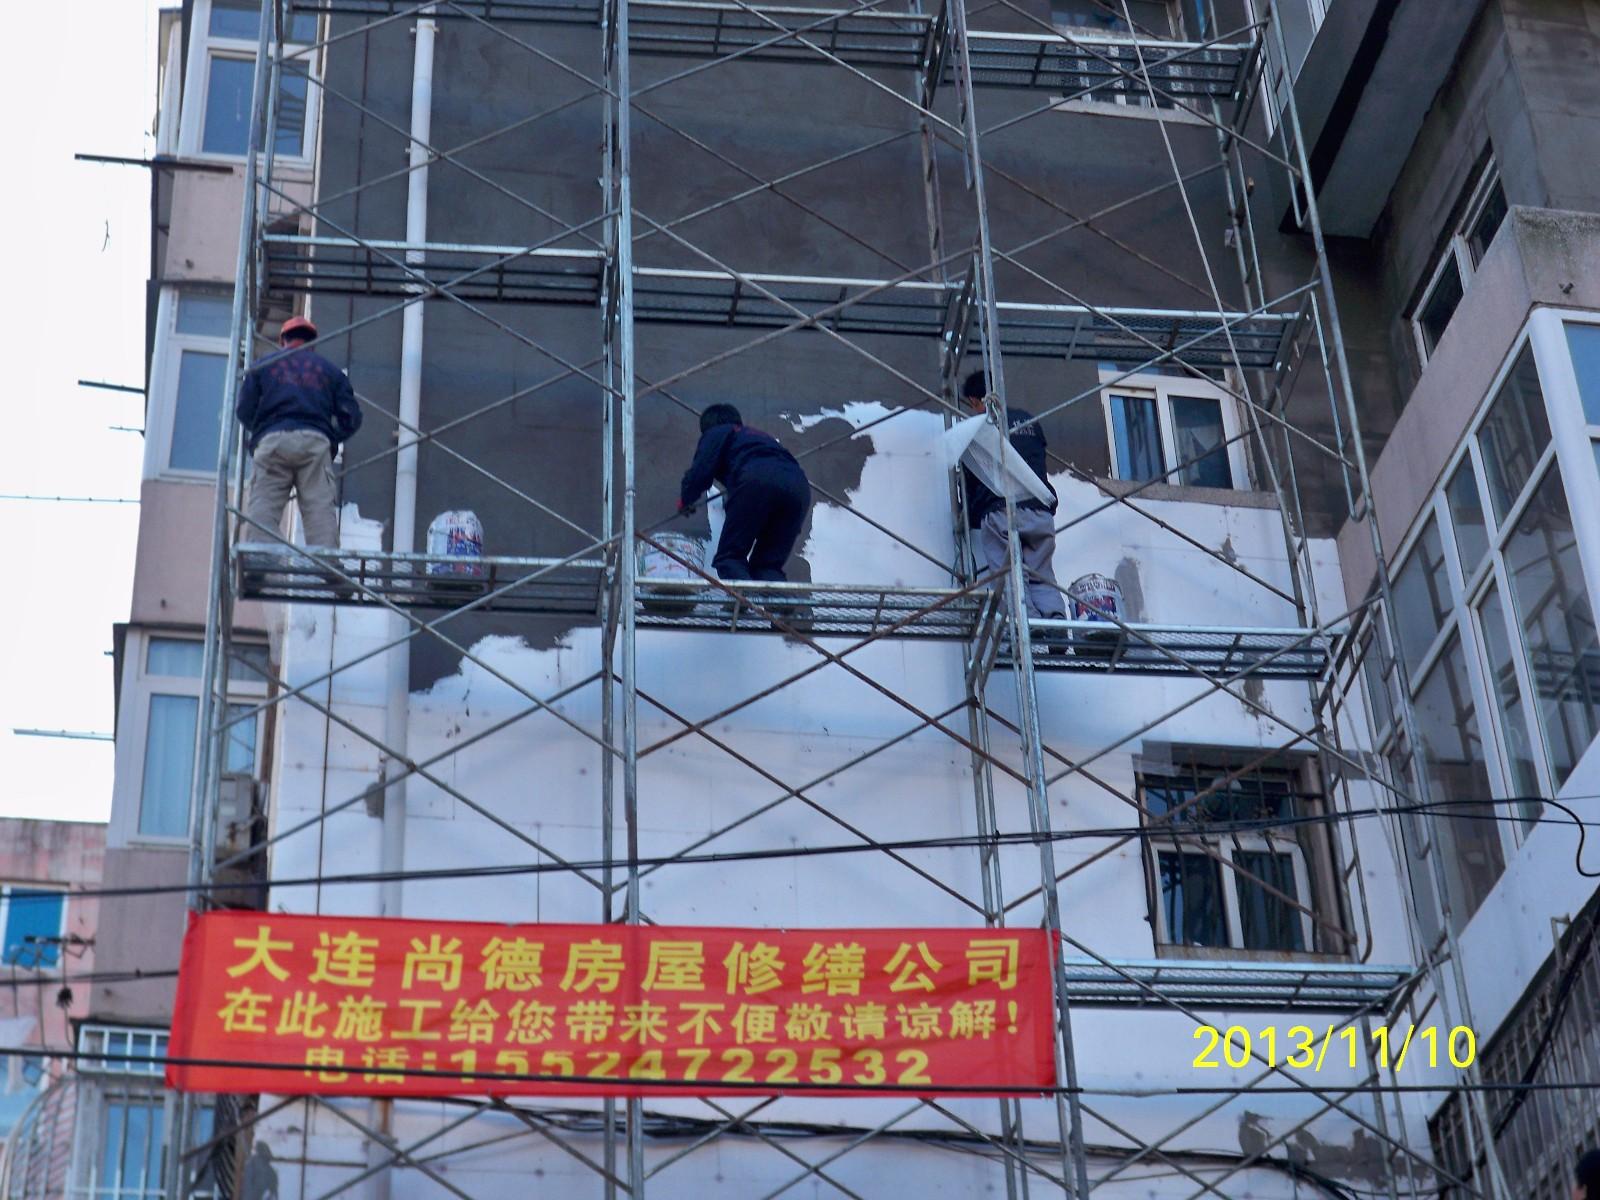 大连房屋修缮公司